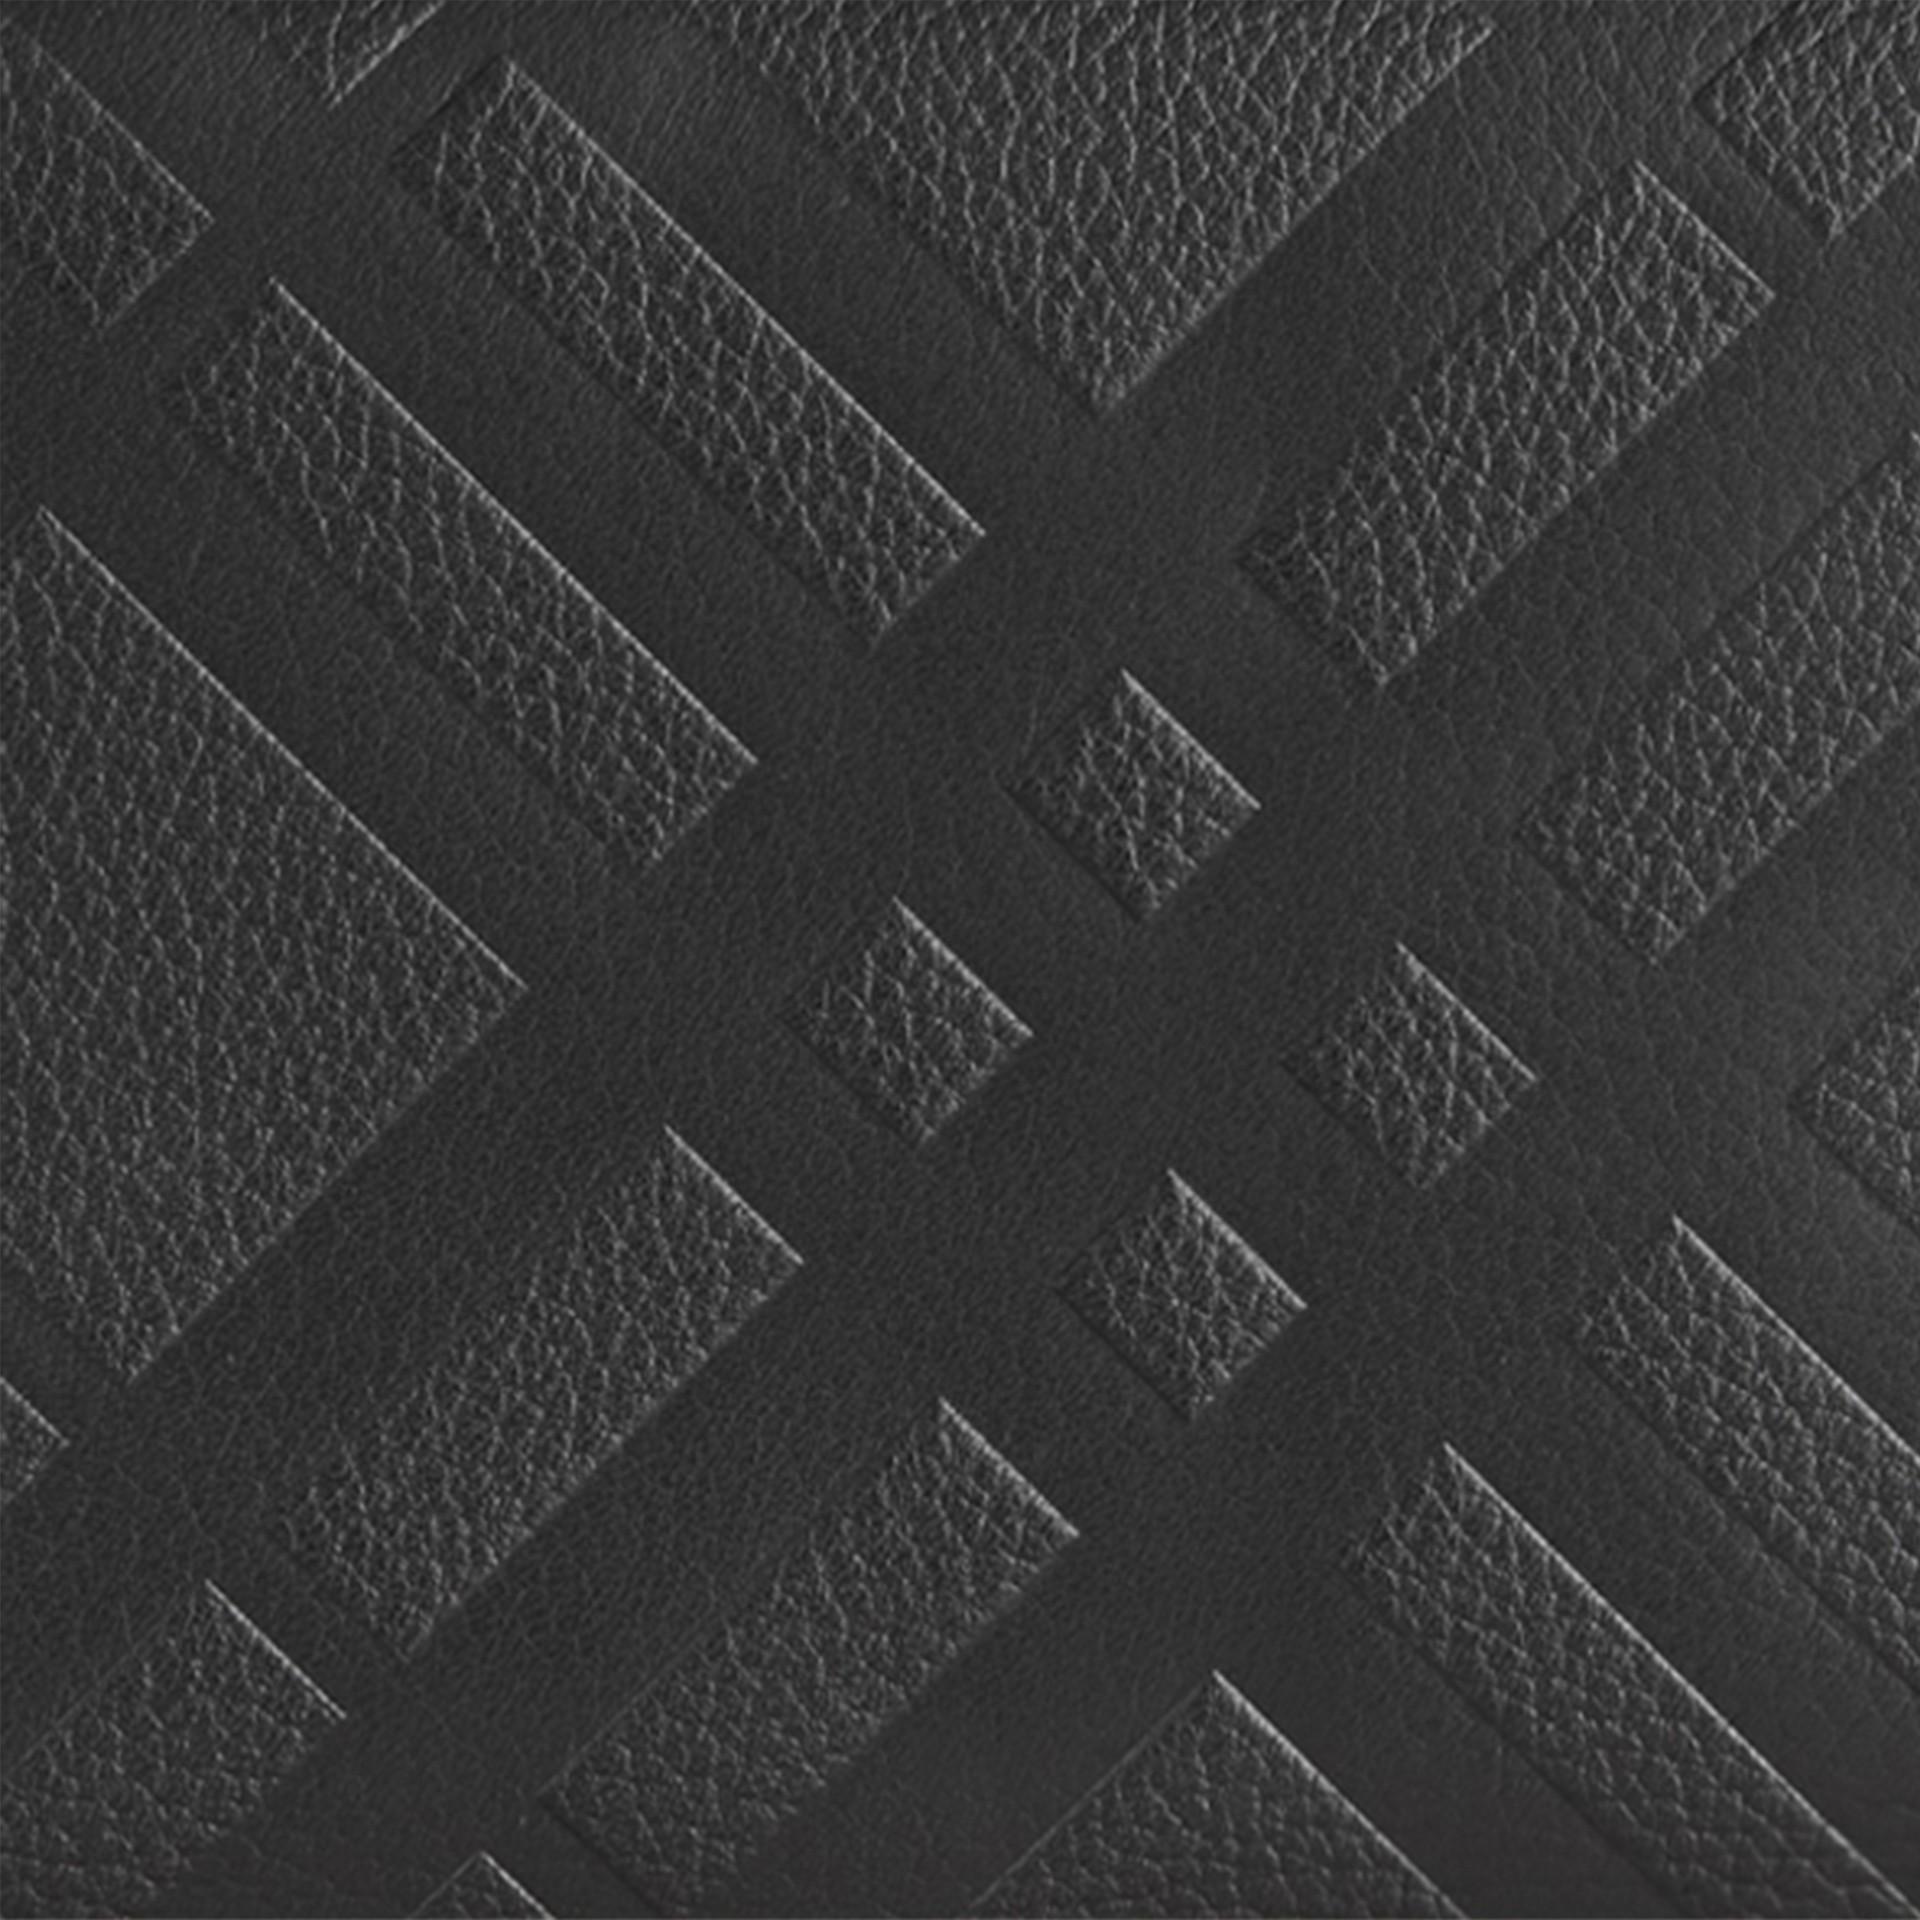 Negro Cartera en piel con checks en relieve y cremallera perimetral Negro - imagen de la galería 2